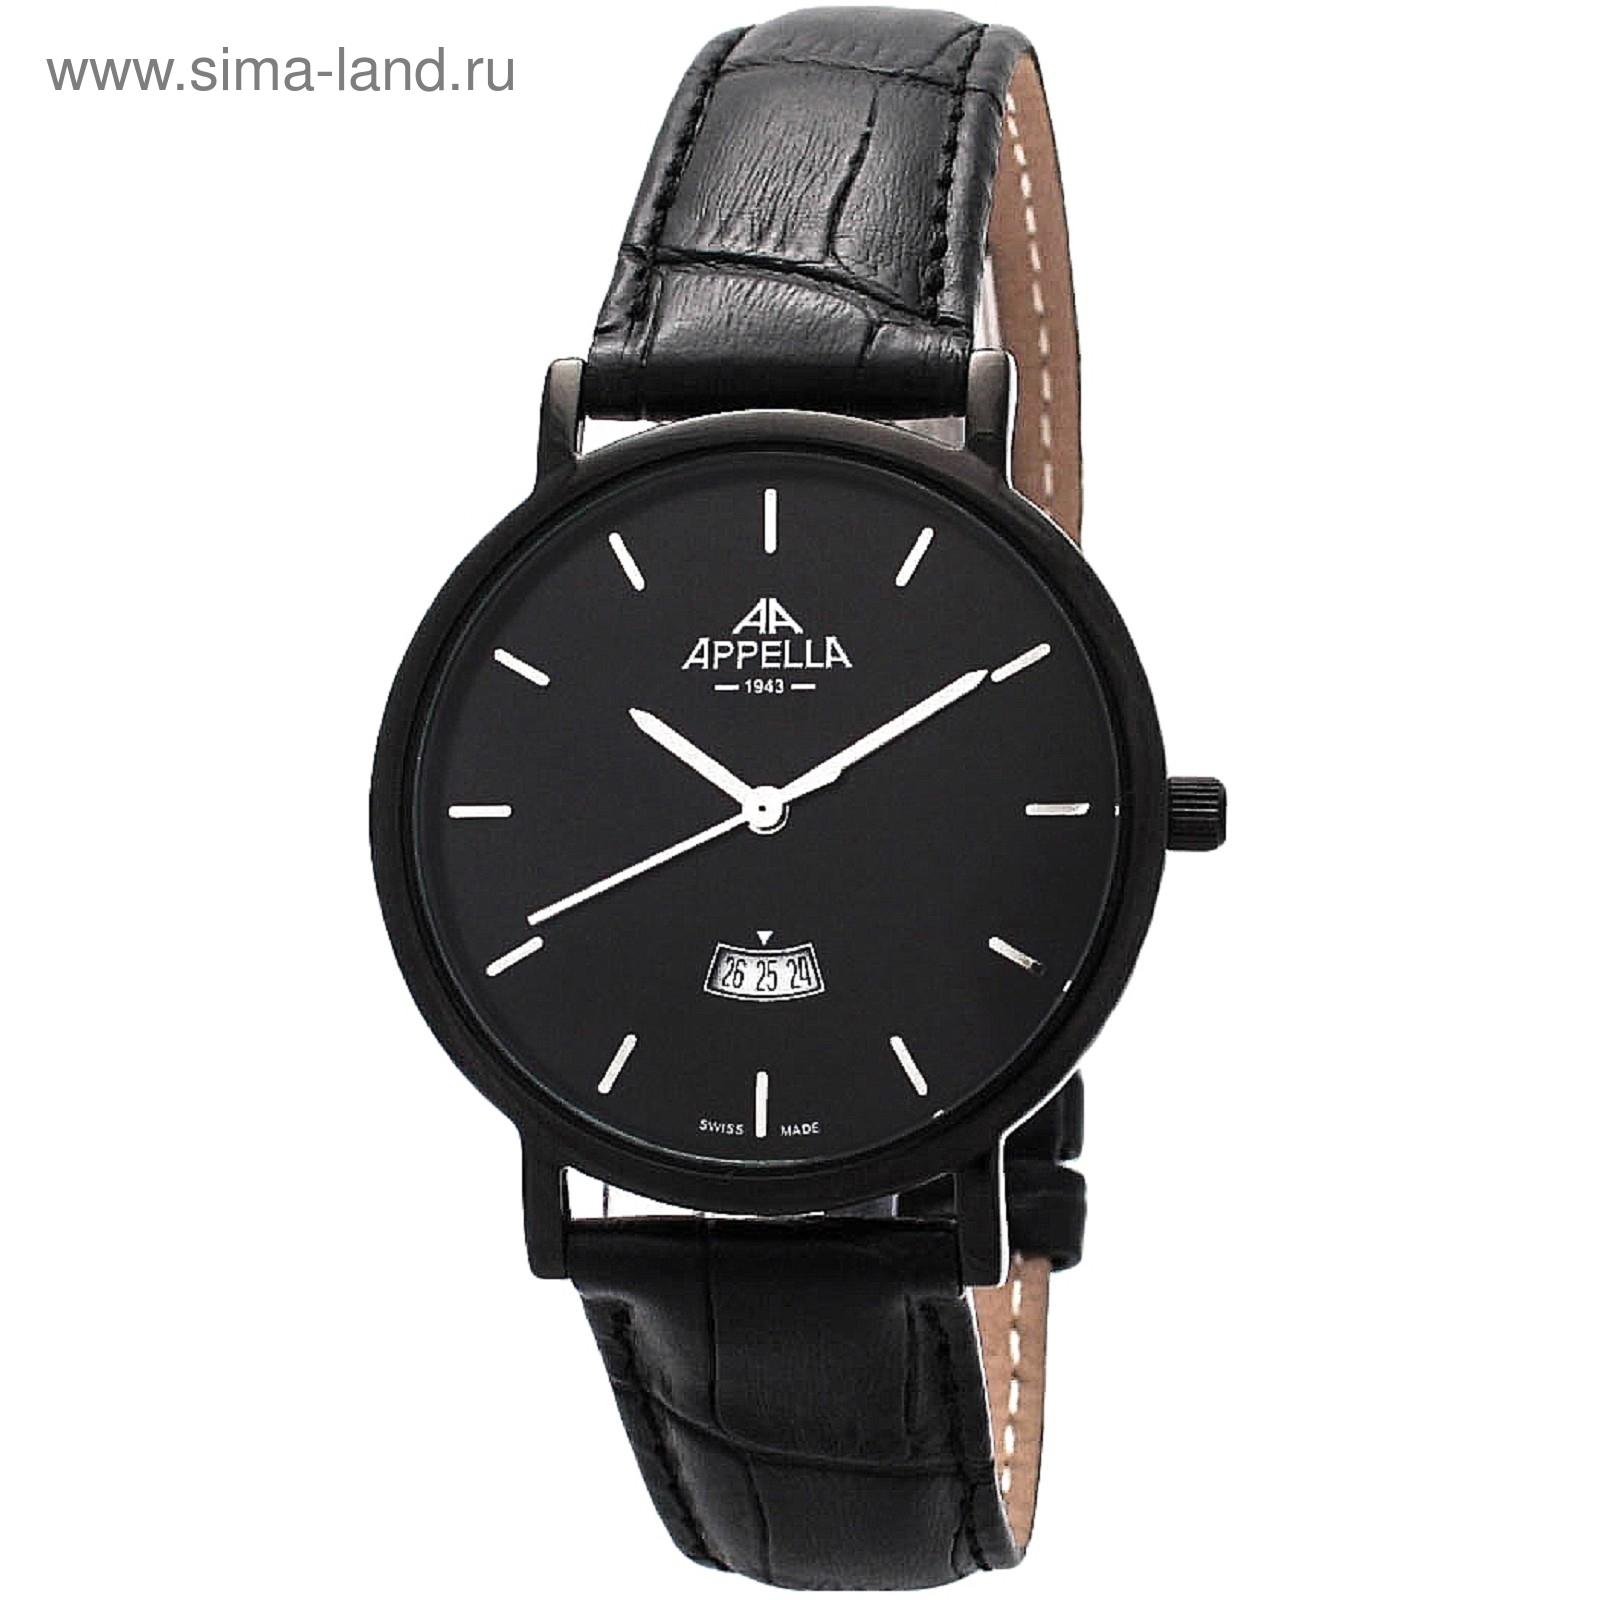 Мужские механические часы с браслетом так